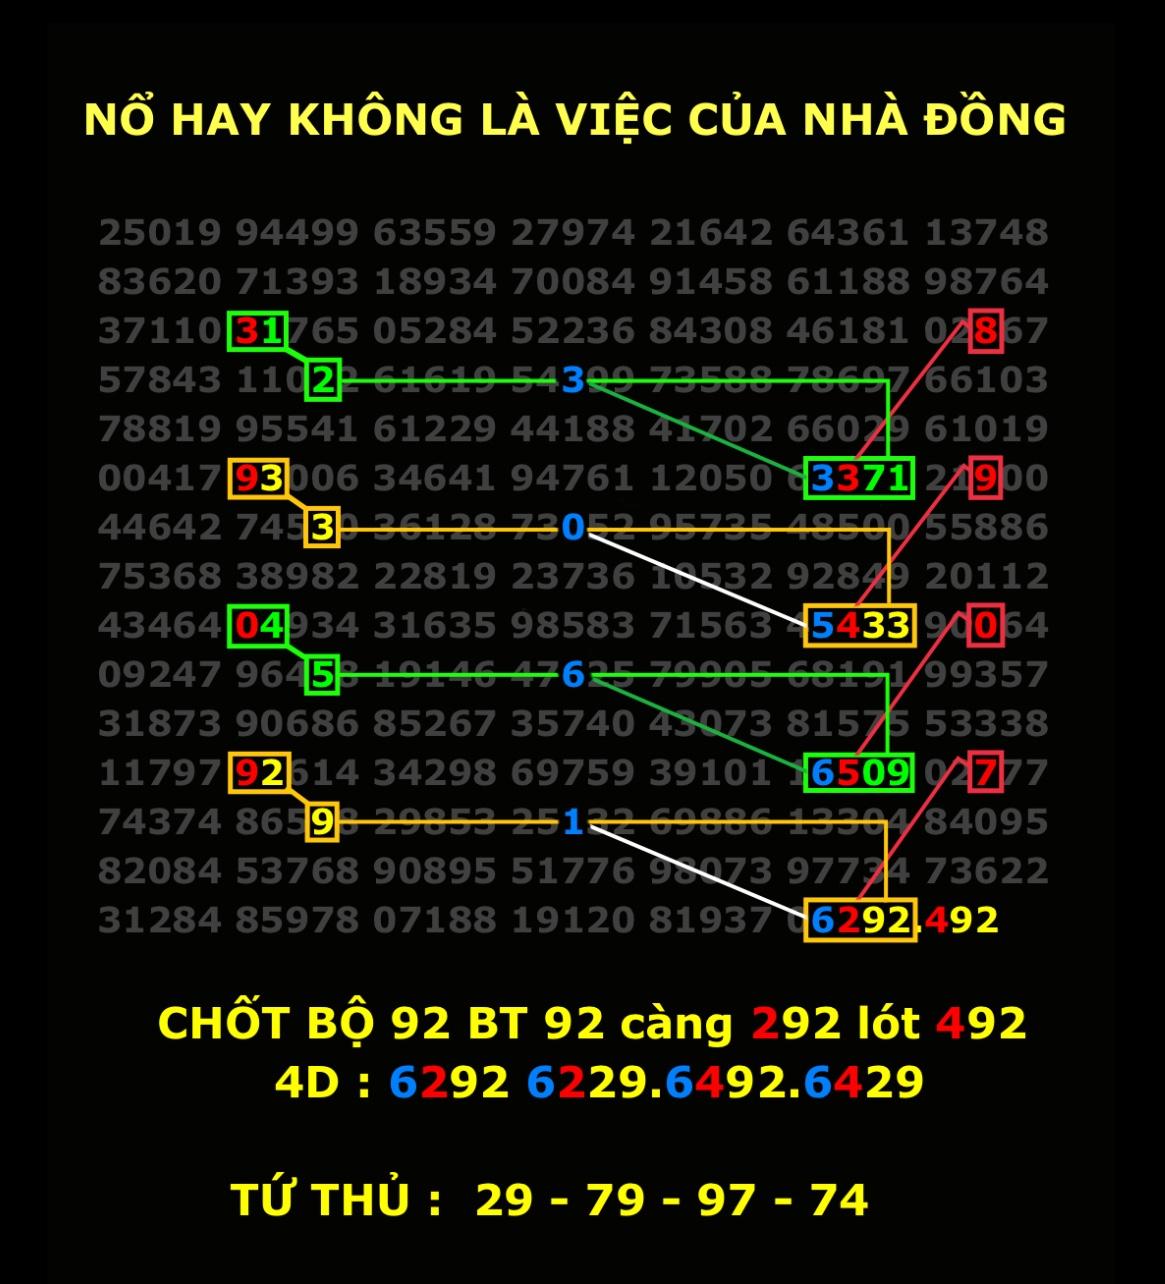 90658732-1EDF-4A99-8A39-9D06B69AF876.jpeg